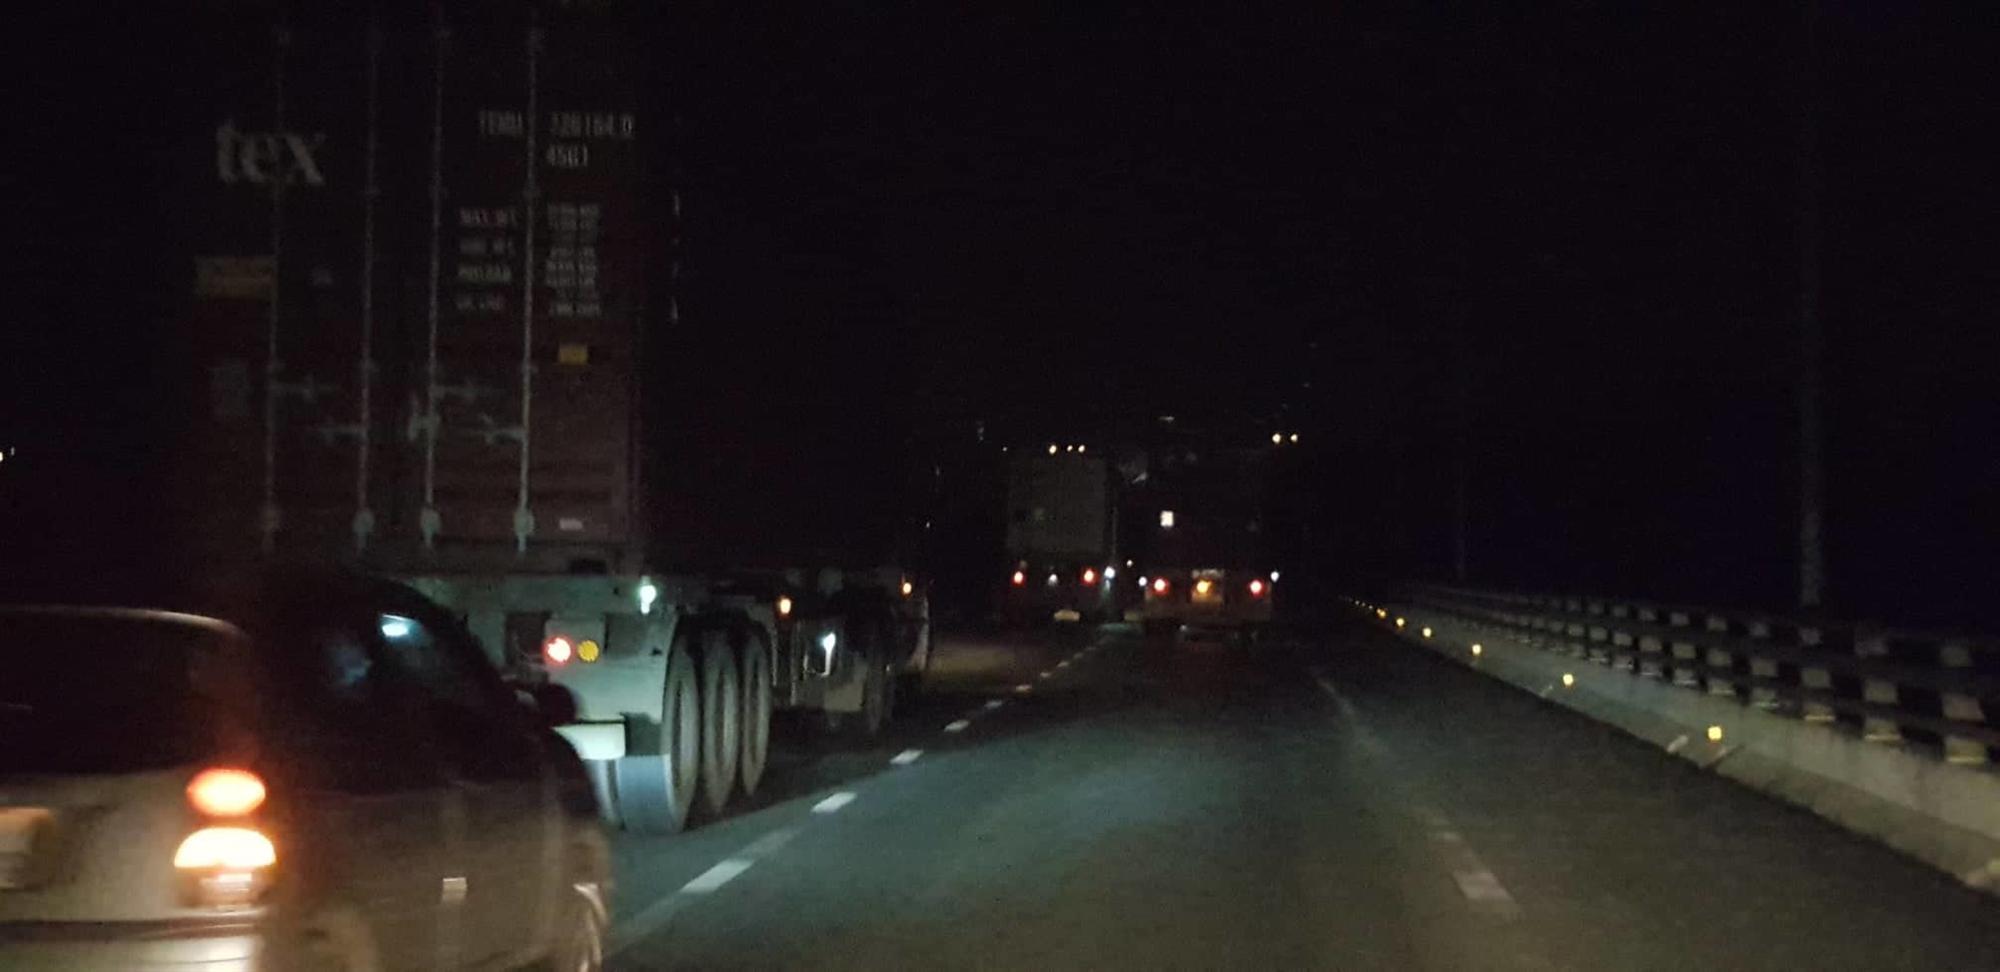 Lời đồn ma túy giúp tỉnh như sáo 2 ngày 2 đêm: Lái xe container tàn đời-1